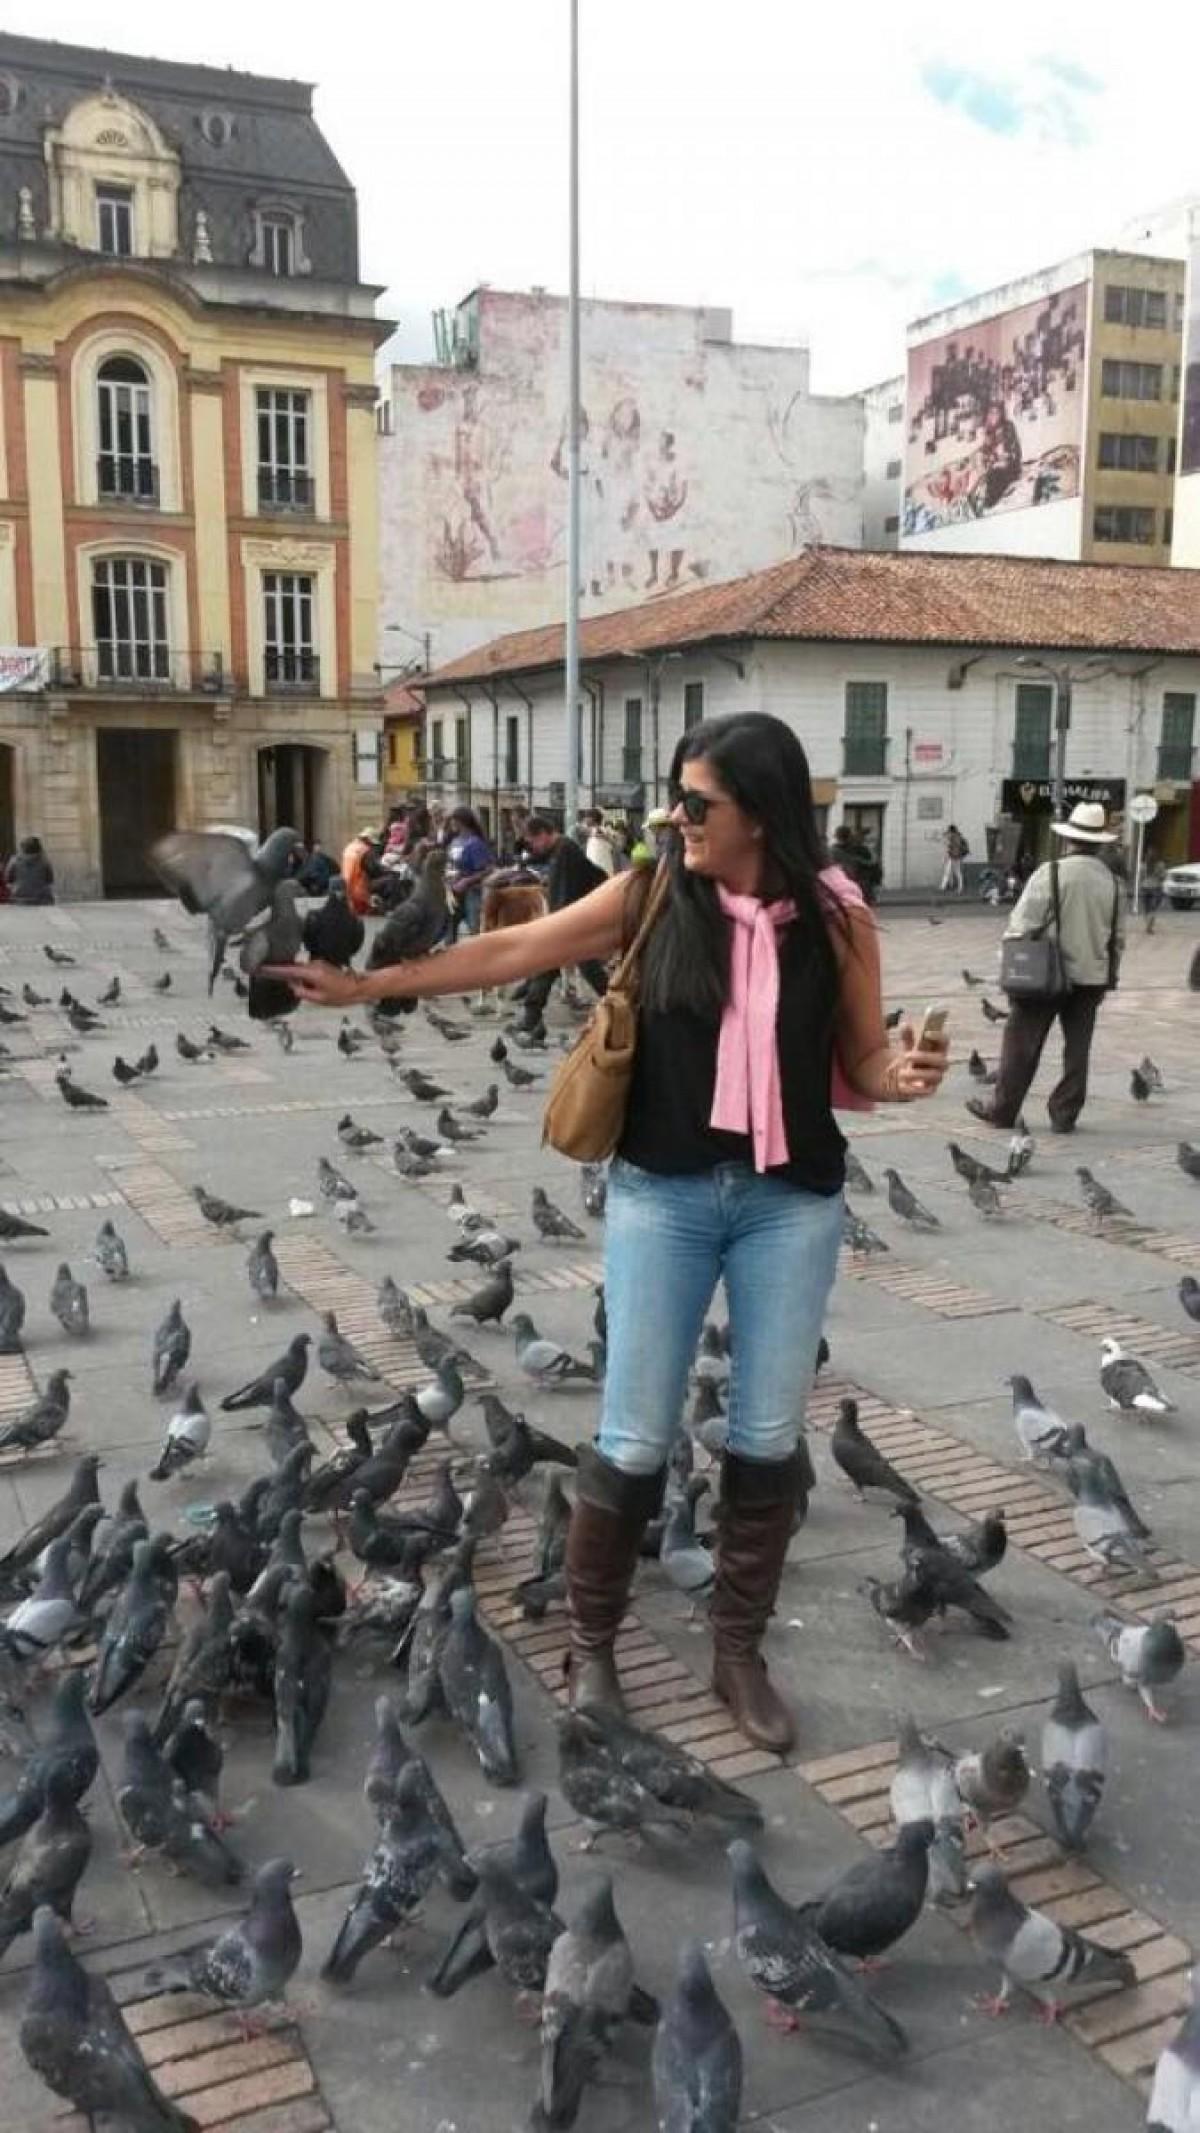 Na Praça Simon Bolivar os pombos ajudam a compor a foto (Foto: Carla Passos)